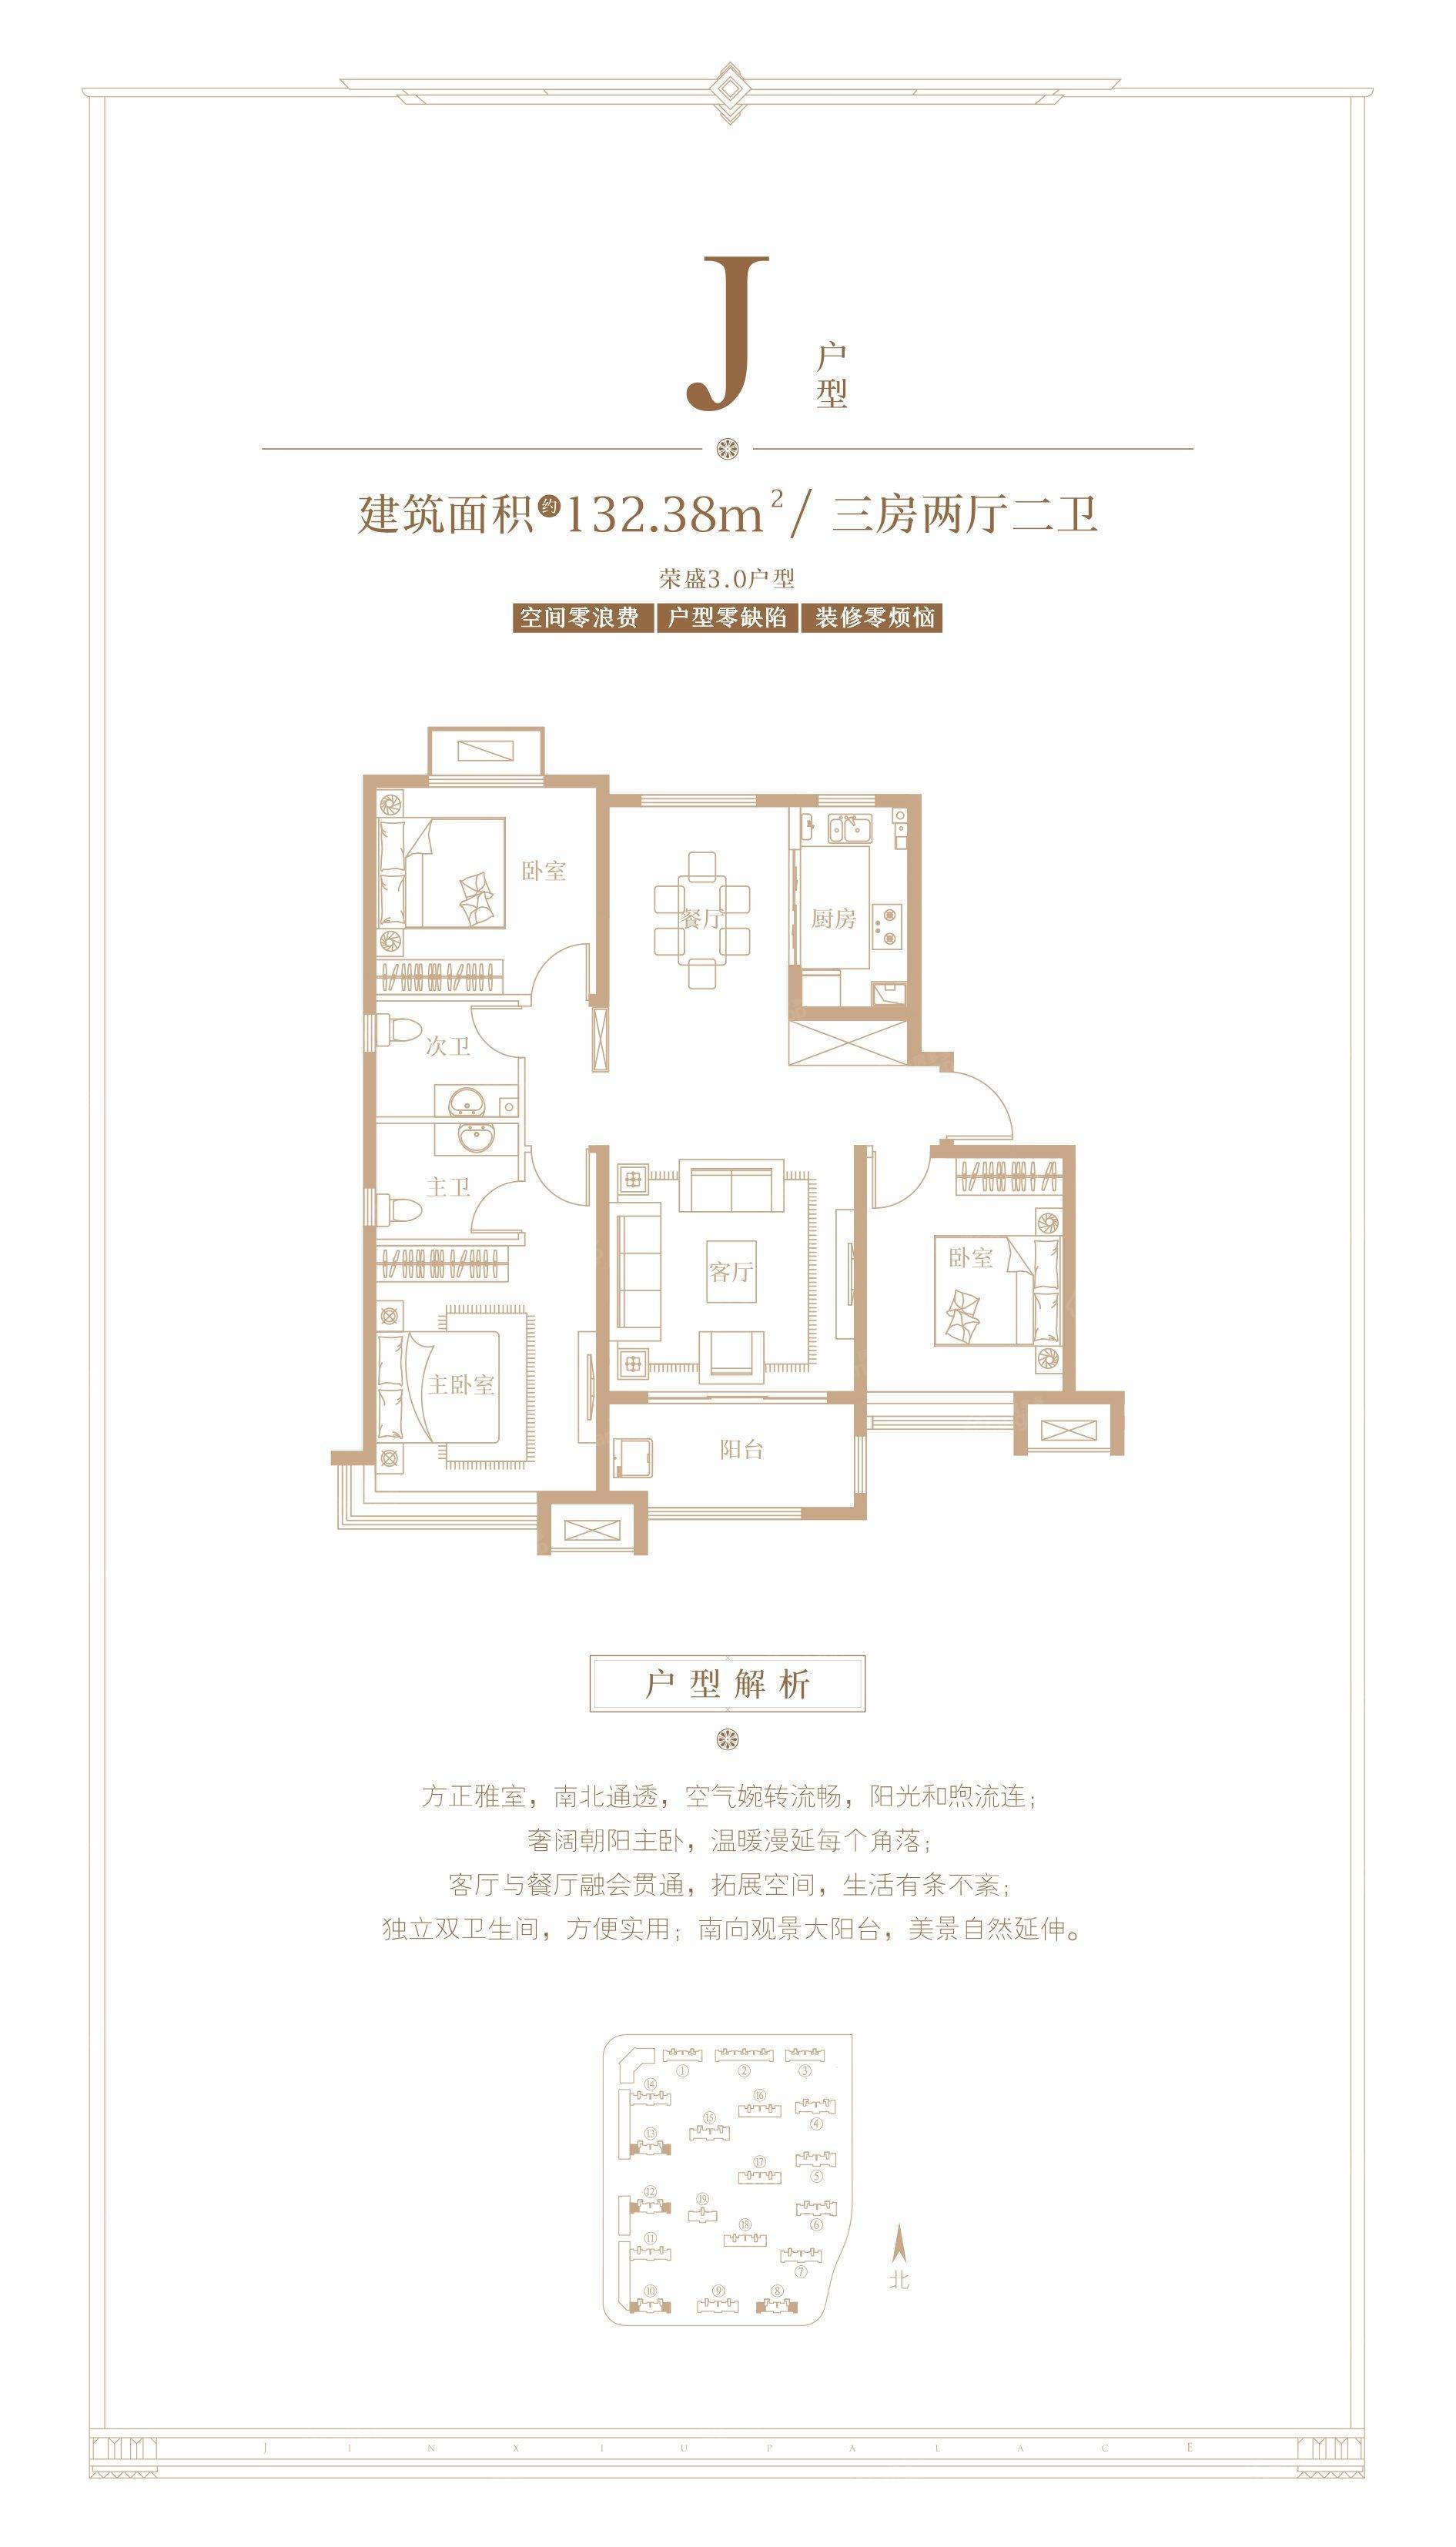 荣盛锦绣观邸3室2厅2卫户型图